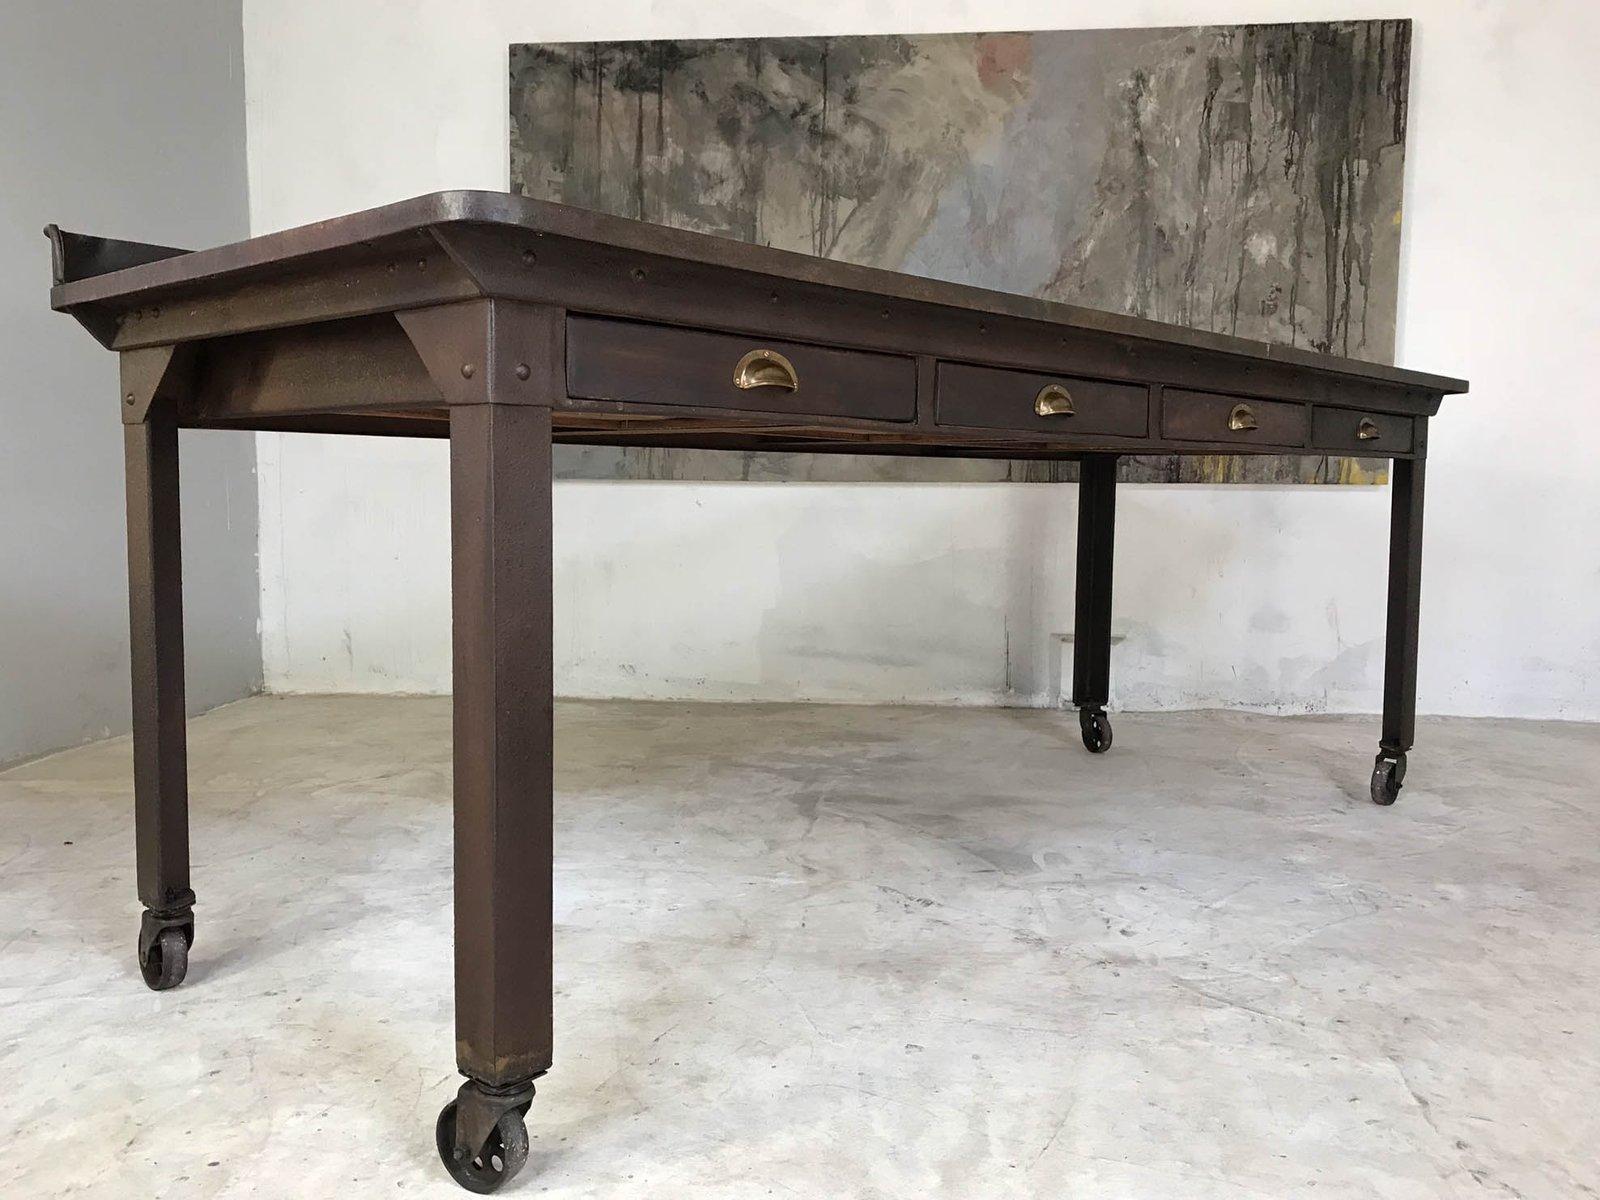 Tavolo Da Lavoro Antico : Tavolo da lavoro antico industriale in acciaio in vendita su pamono